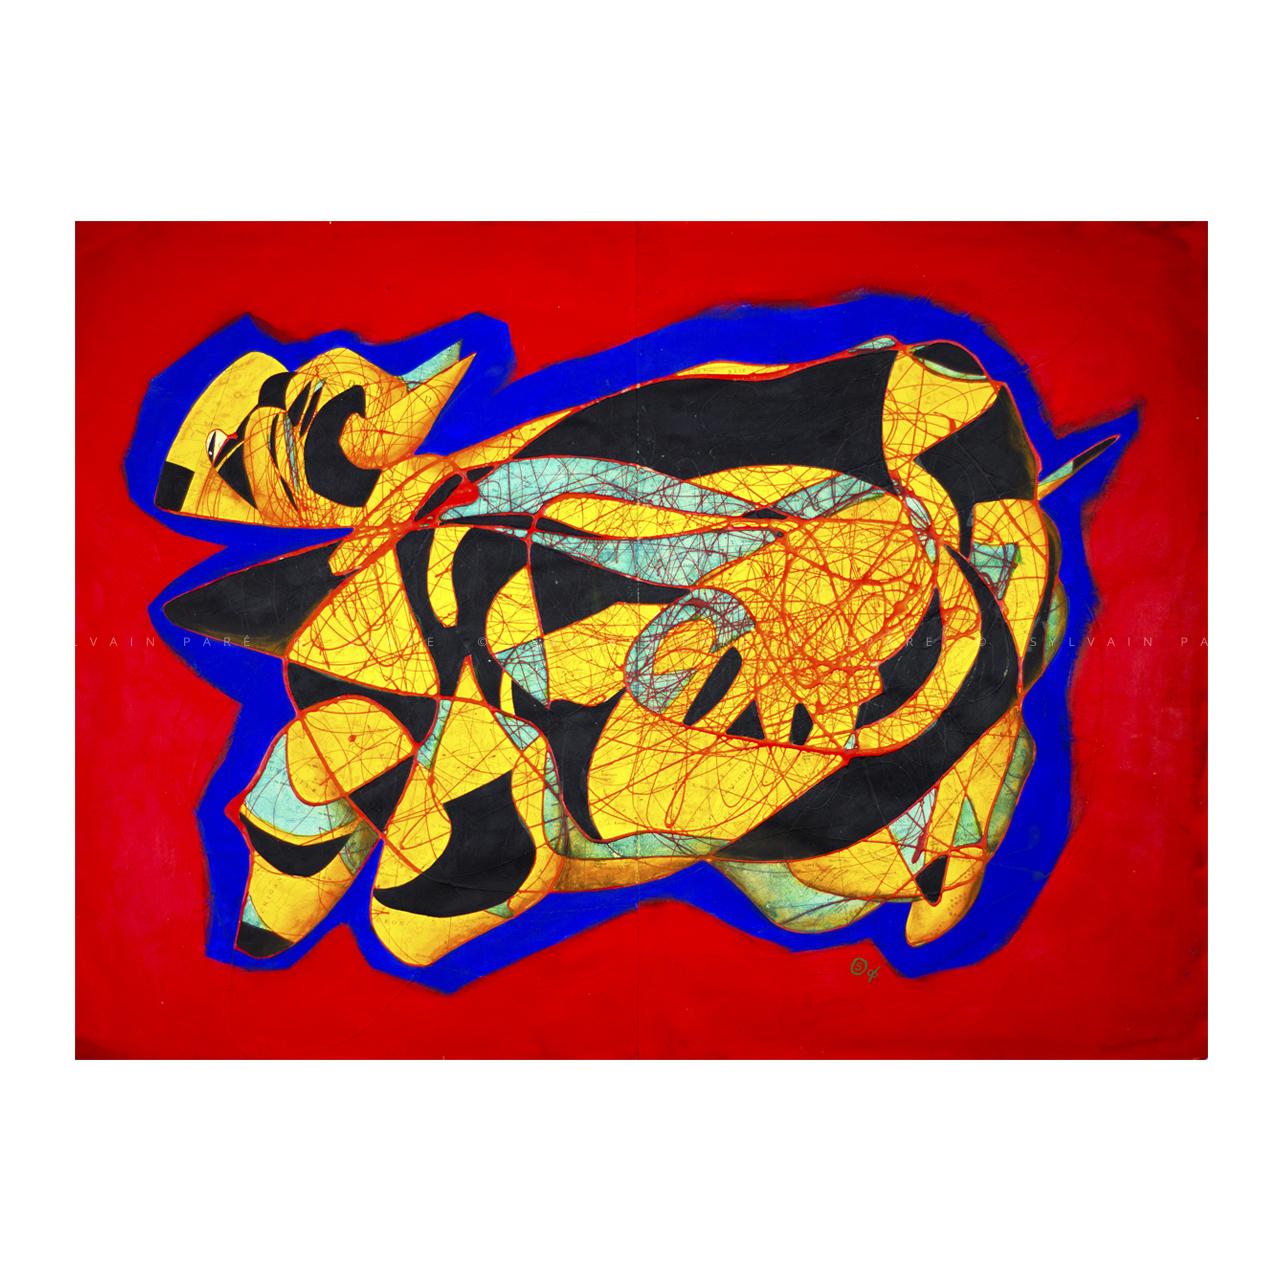 sylvain-pare-spare-artwork-1280x1280_IMG_0102.jpg